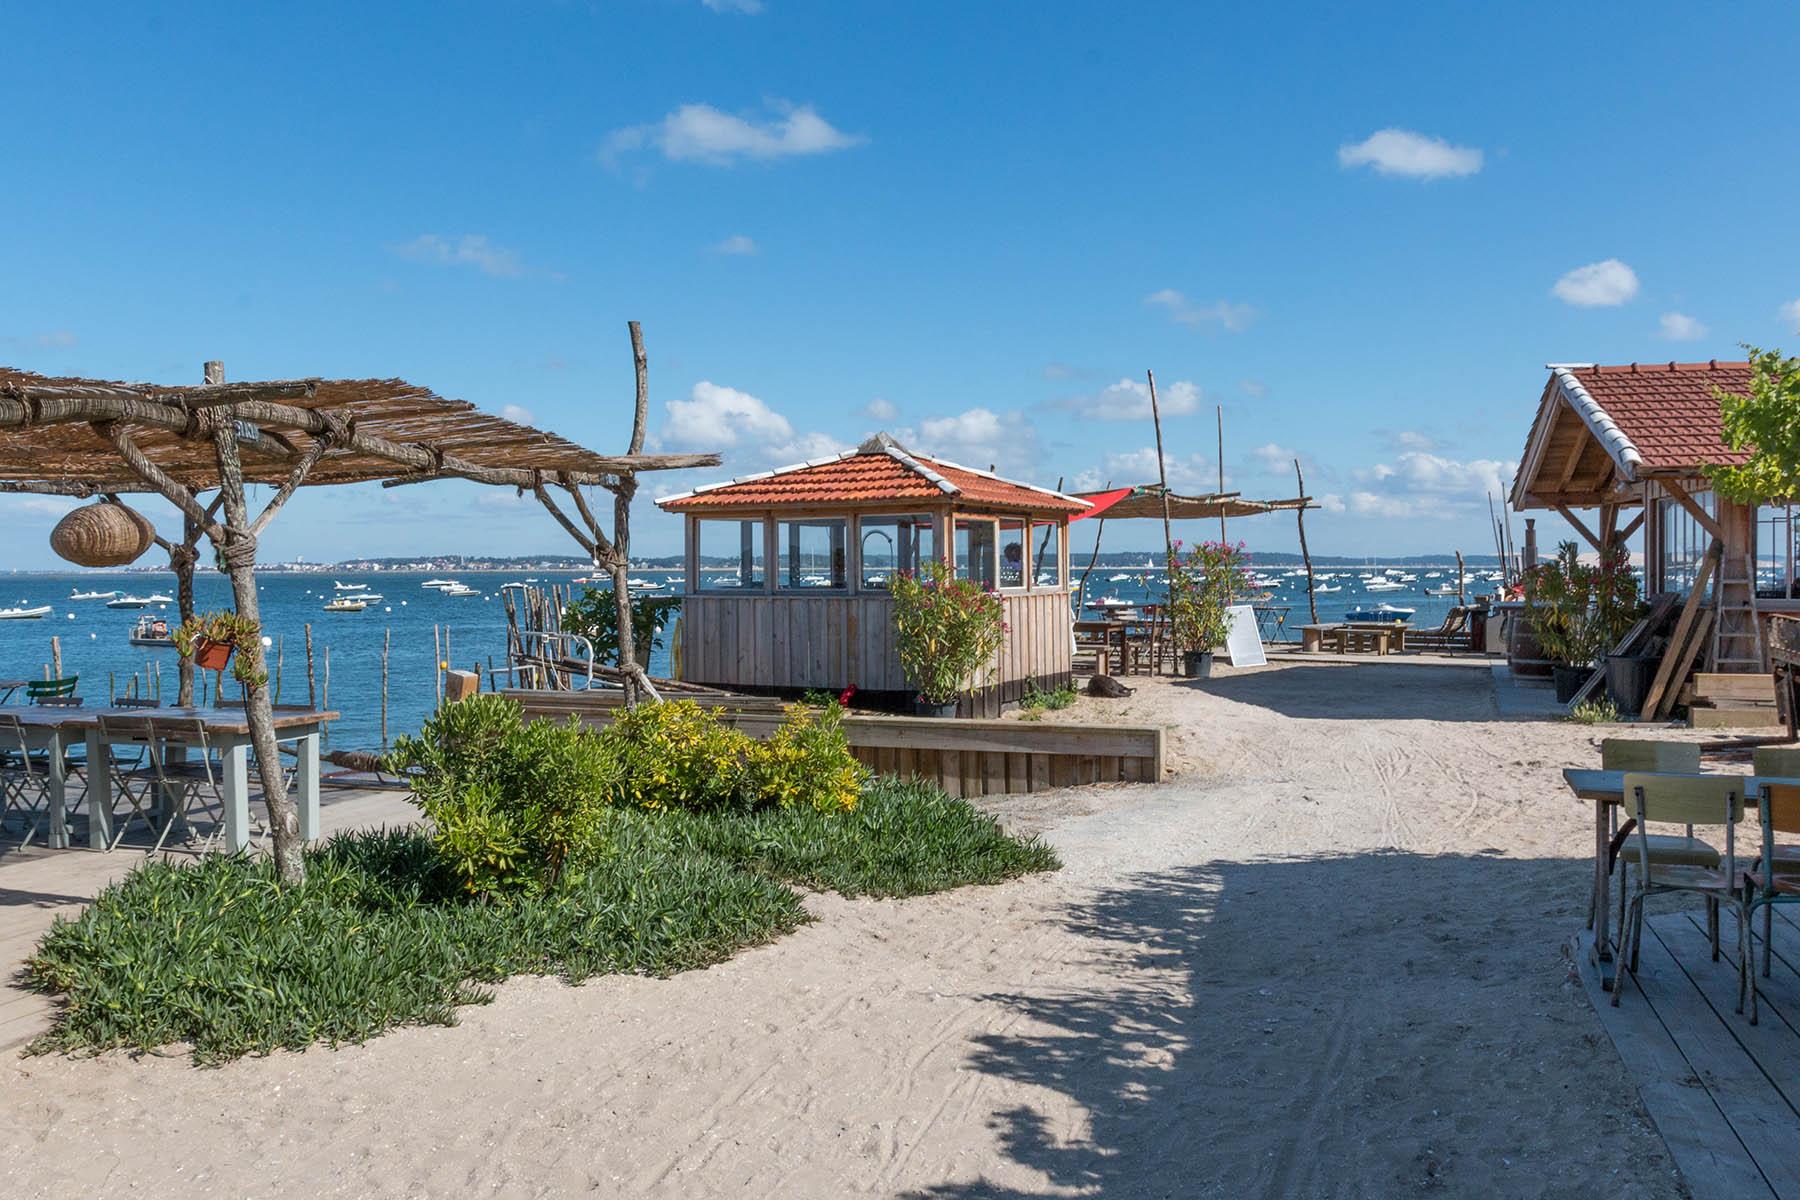 L 39 herbe village du cap ferret infos plages activit s et commerces - Restaurant au cap ferret ...